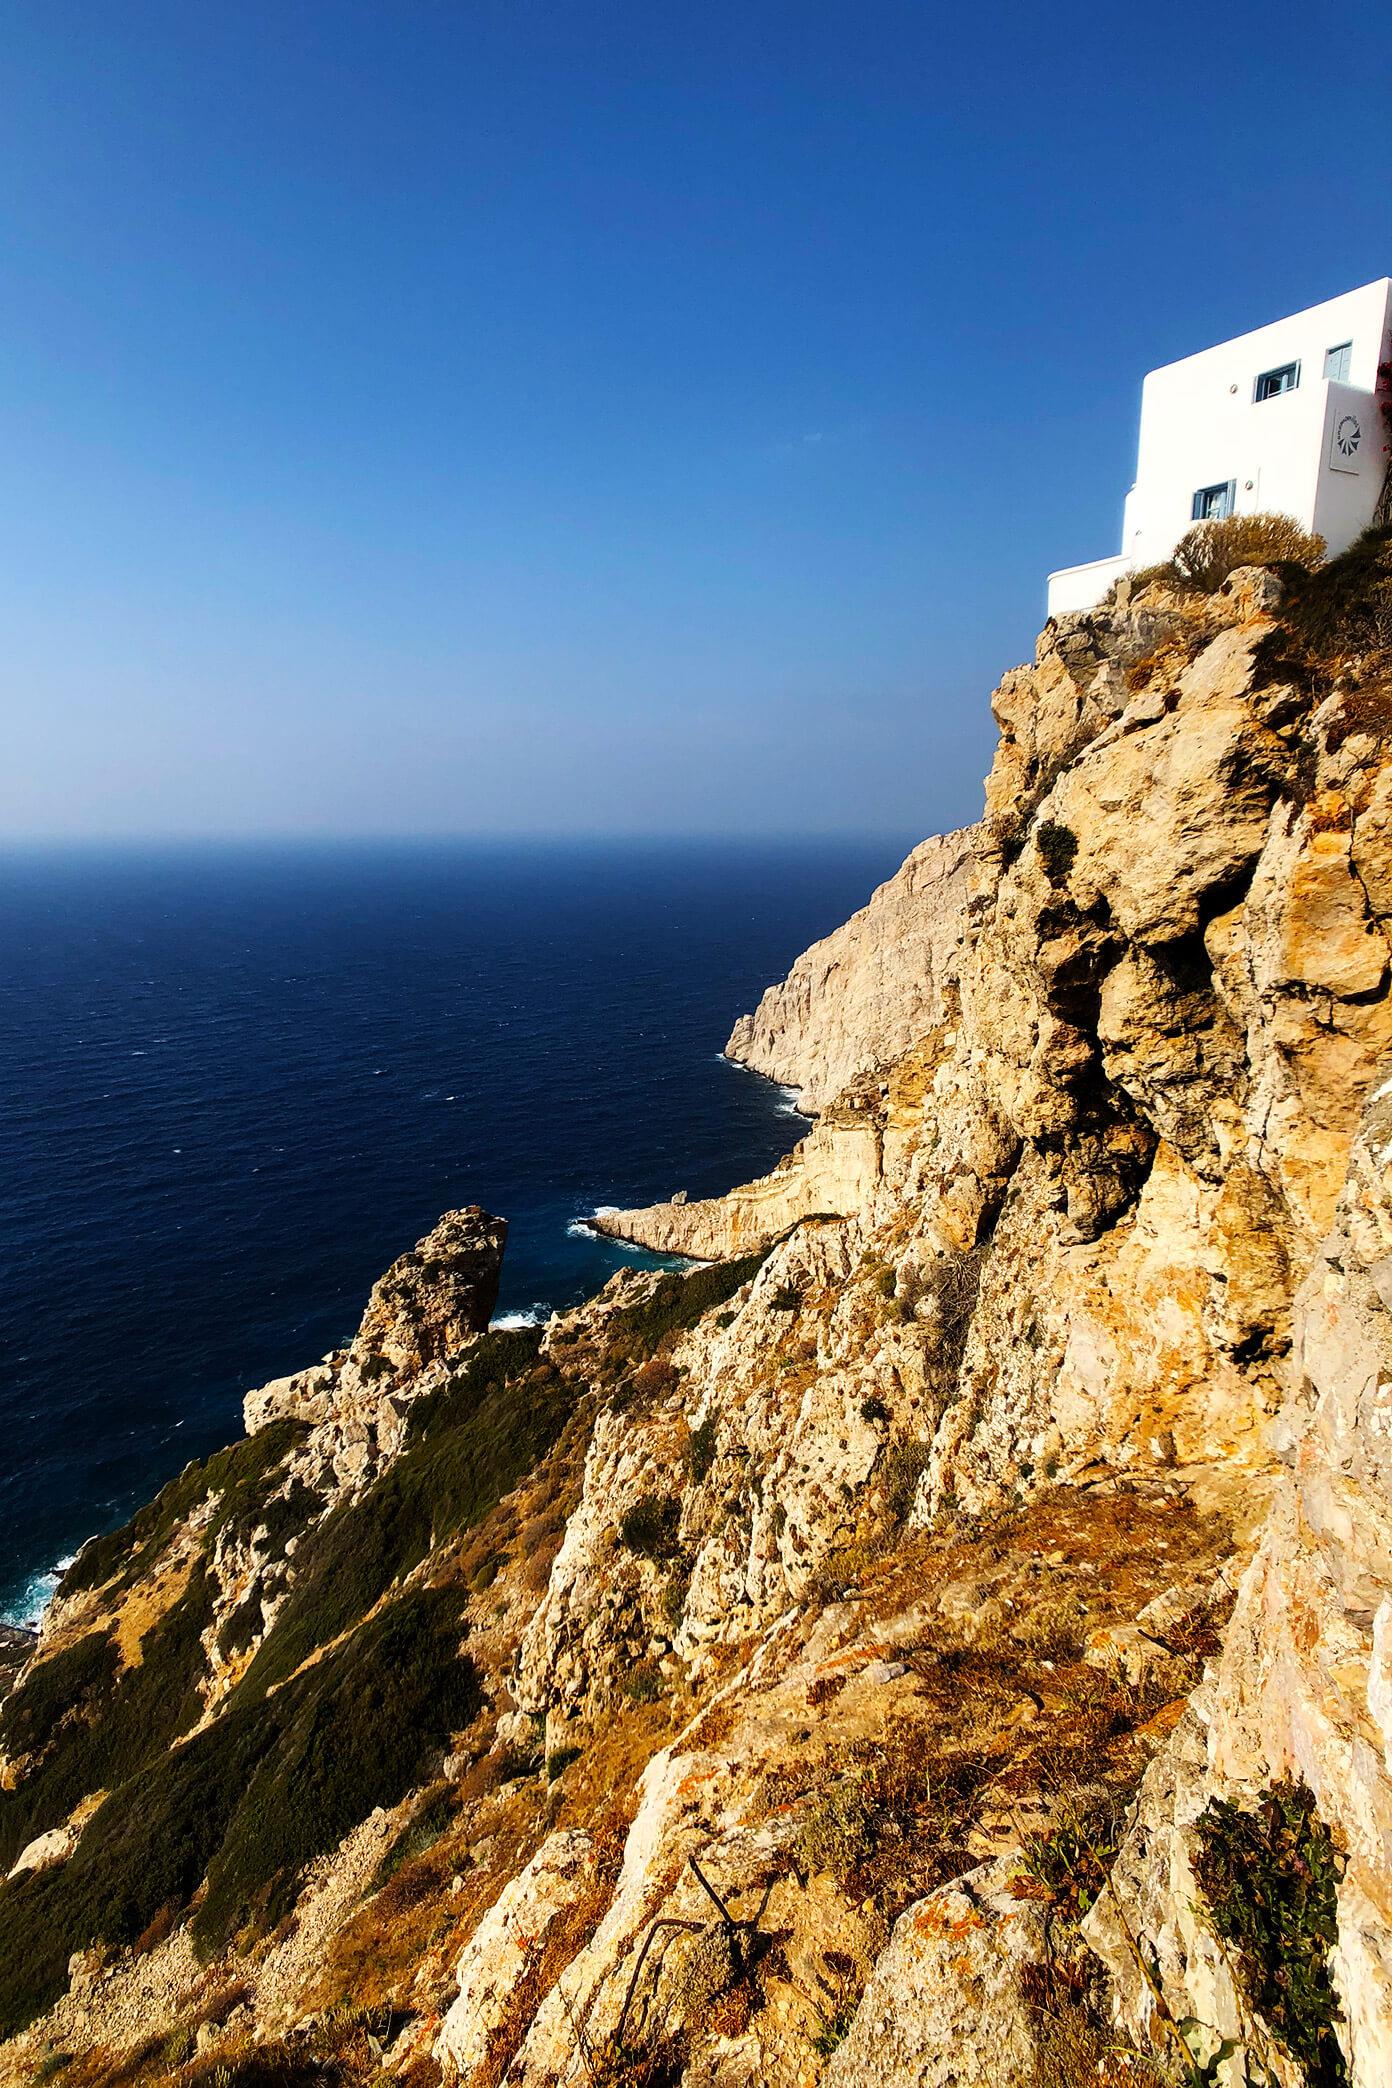 Cliffs in Folegandros, Greece